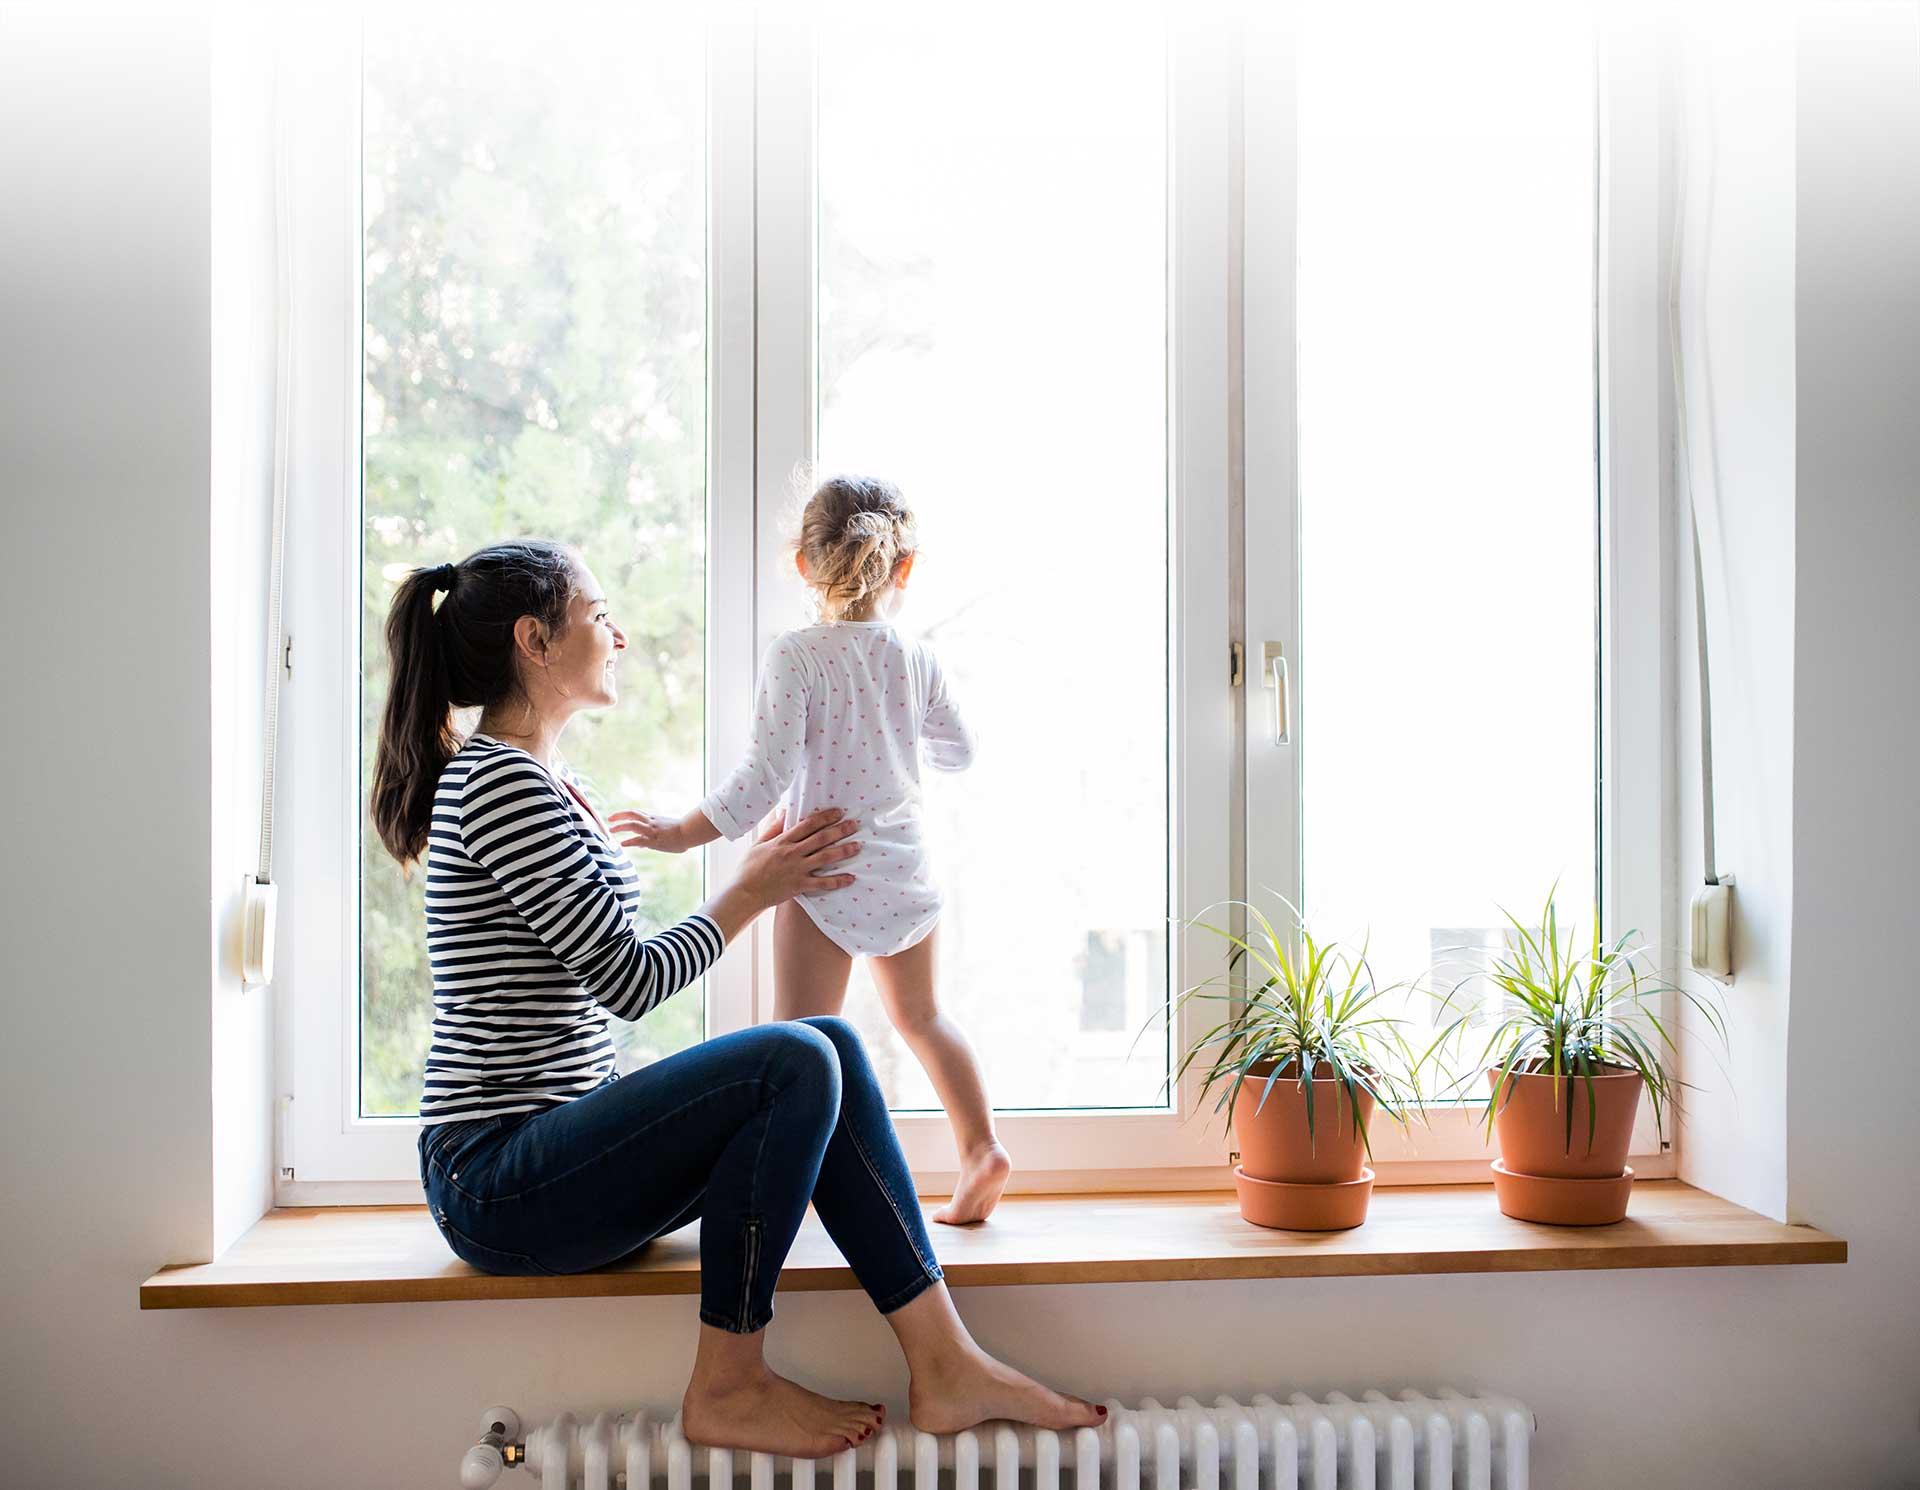 Mutter mit Kind sitzend auf Fensterbank und Heizung